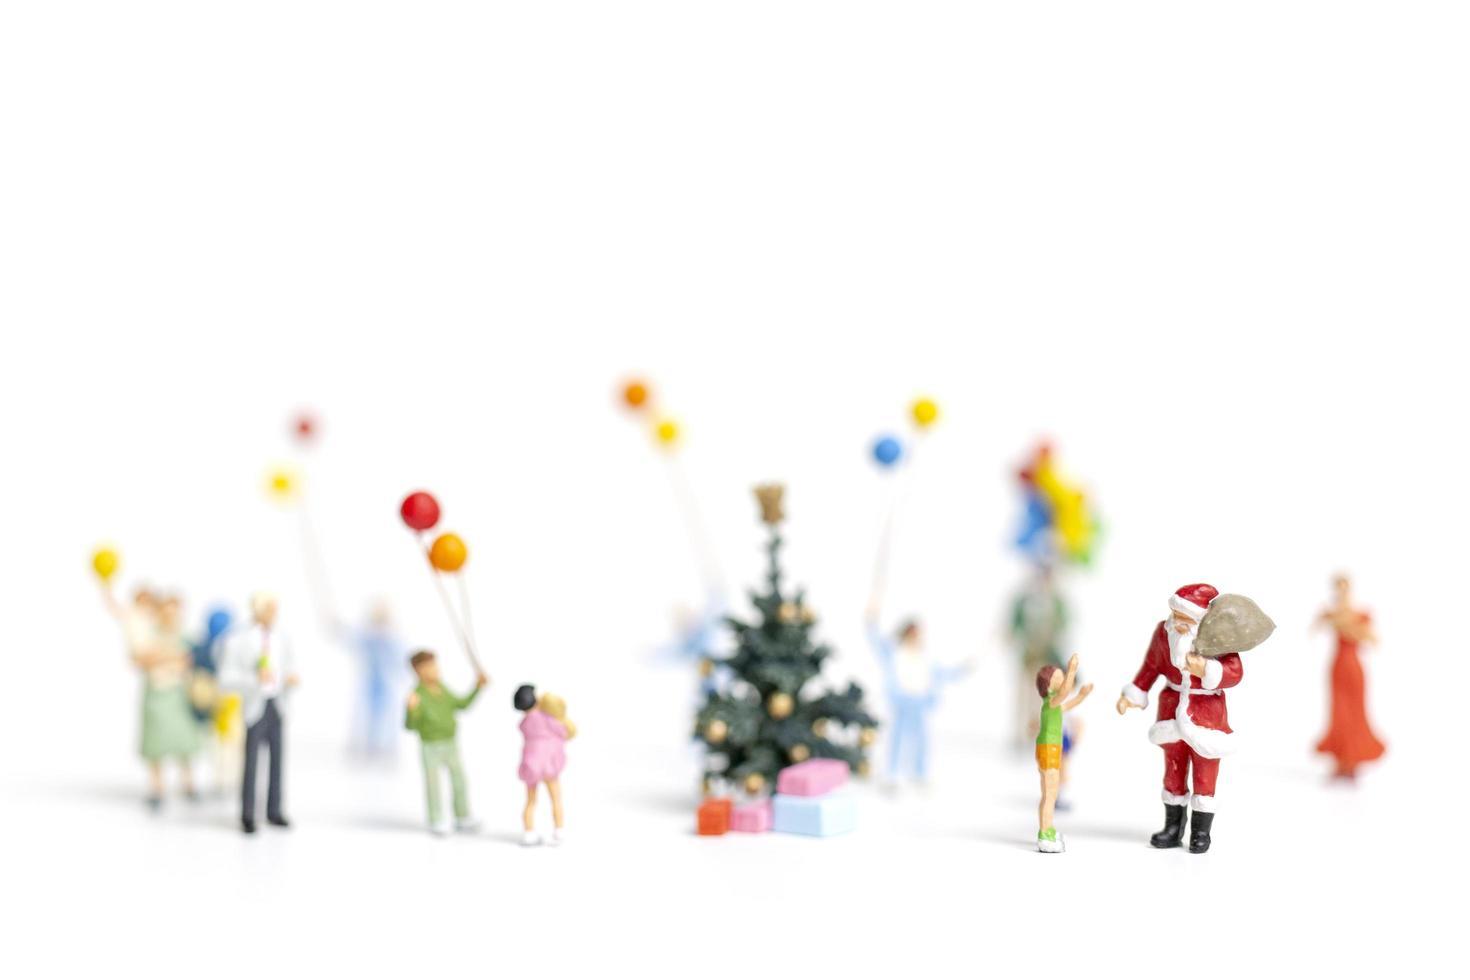 Père Noël miniature tenant des cadeaux pour une famille heureuse, Noël et bonne année concept photo